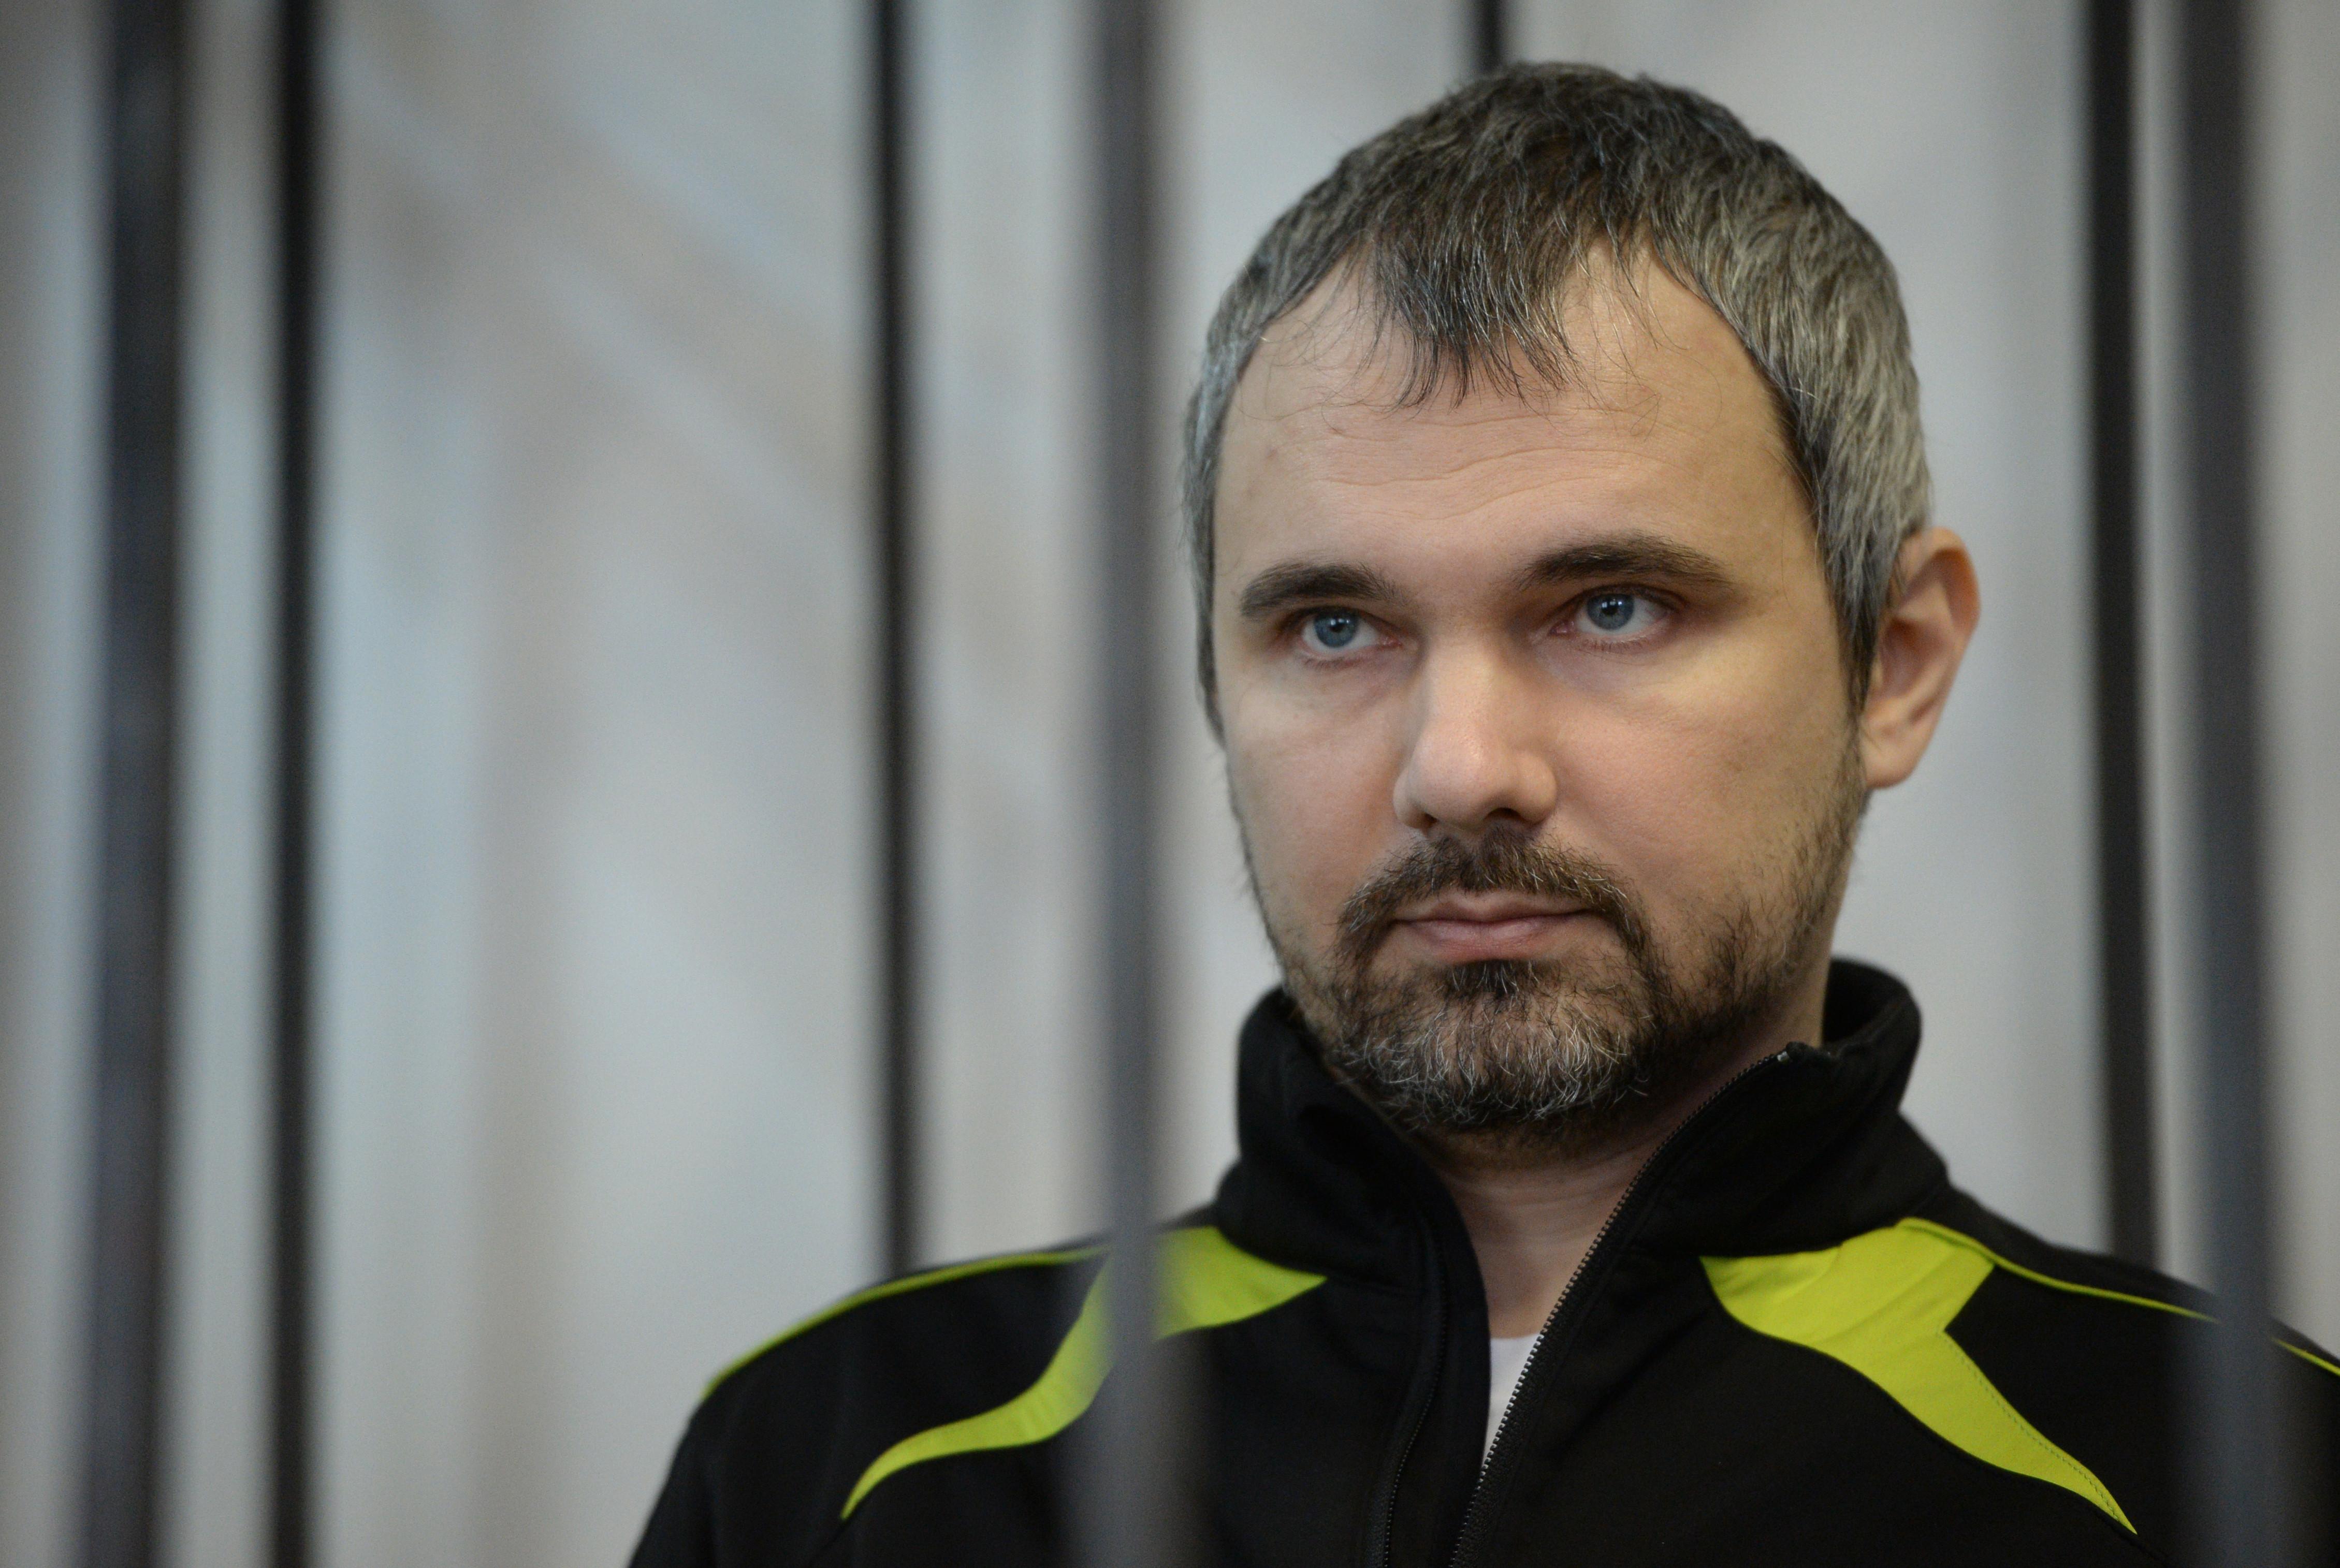 <p>Дмитрий Лошагин. Фото: &copy; РИА Новости / Павел Лисицын</p>